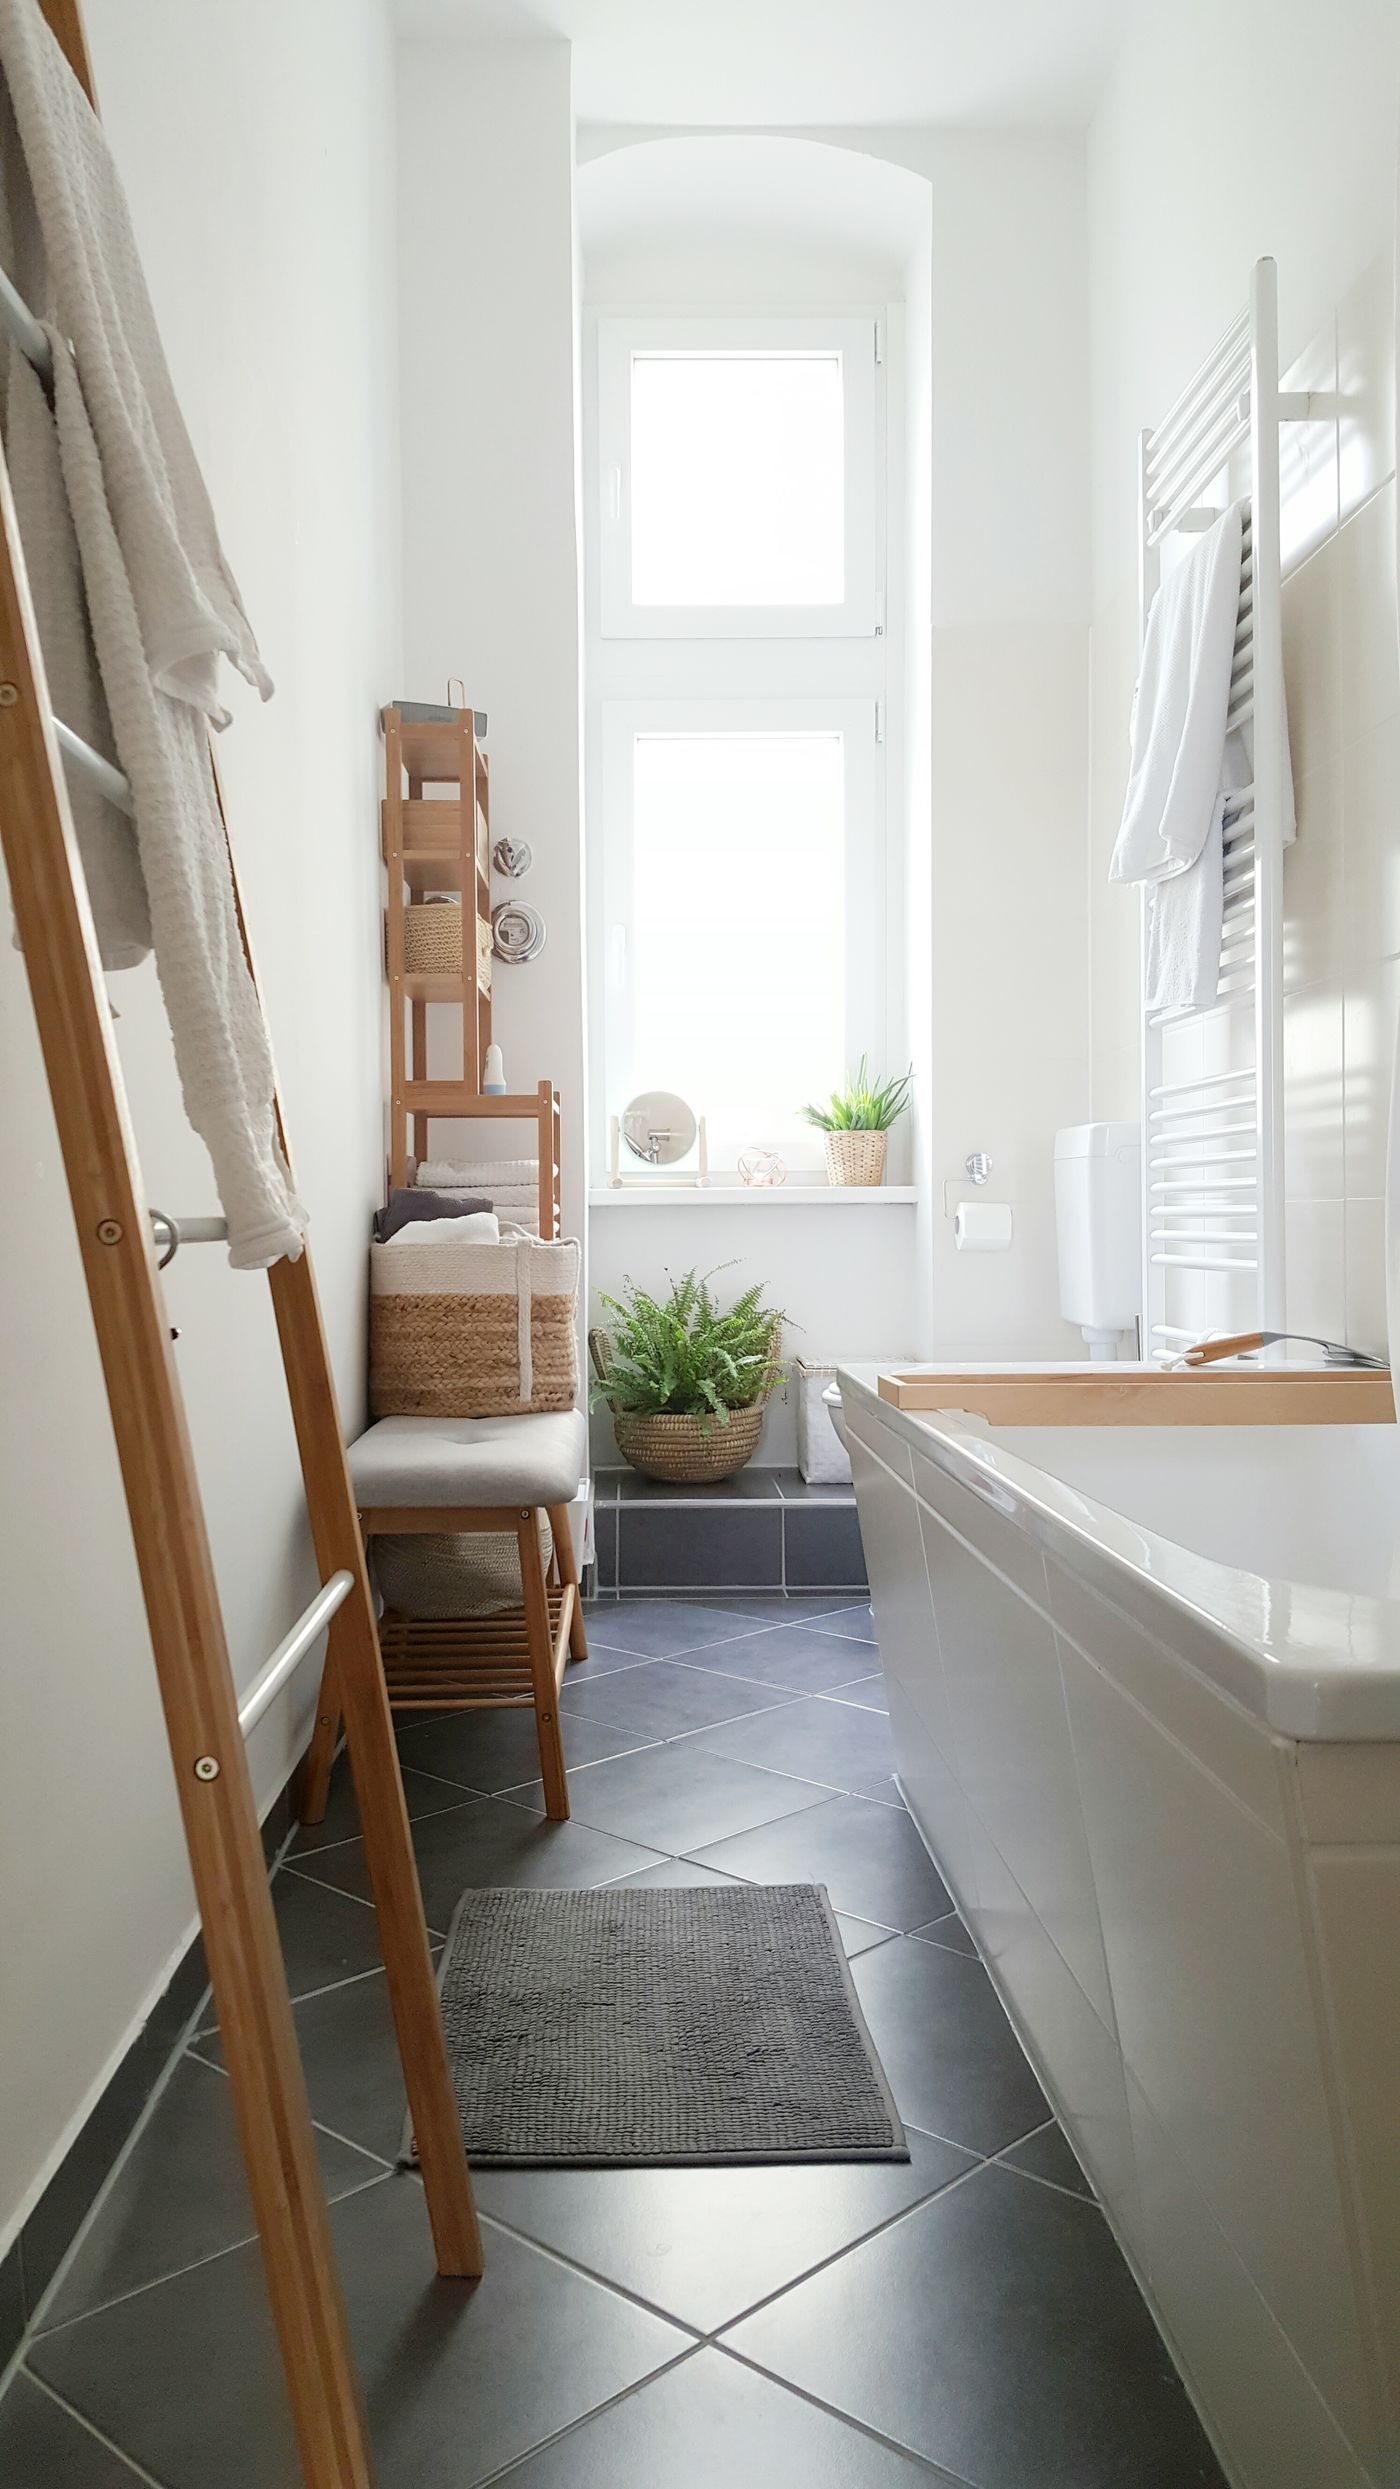 Toilettenbürste Beton | Die Schönsten Badezimmer Ideen Seite 7